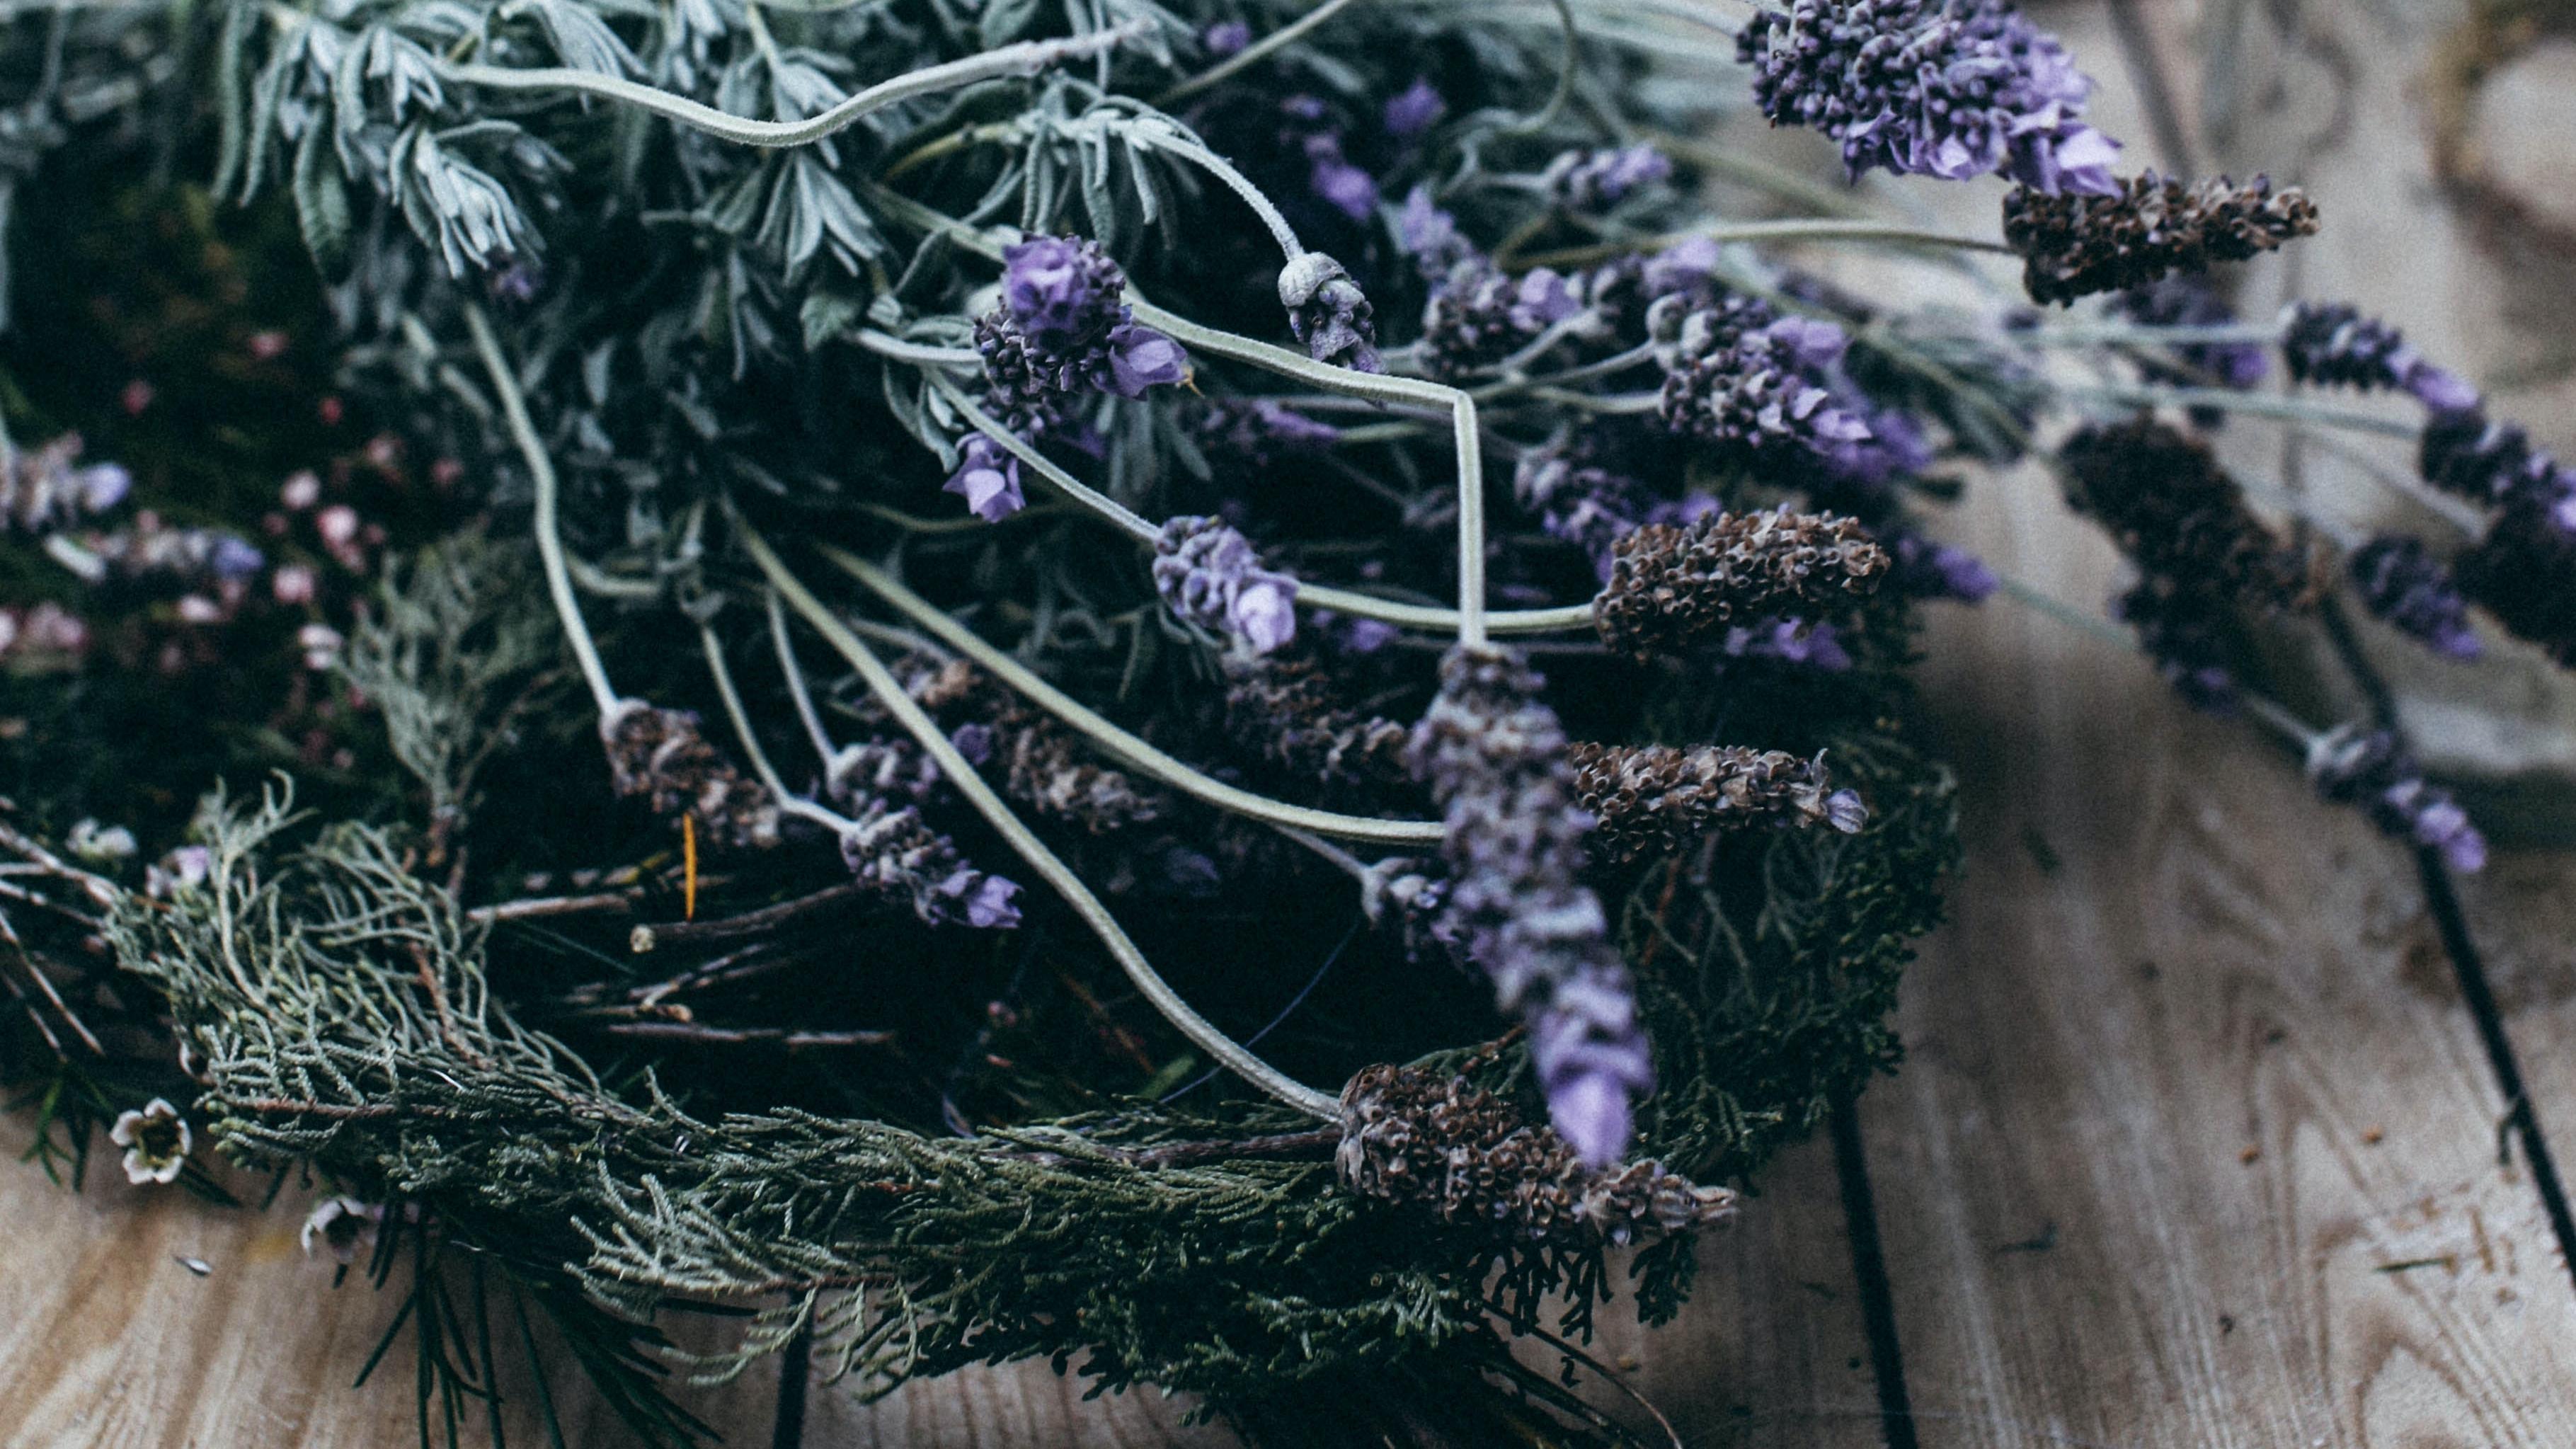 Blumen wie Lavendel eignen sich besonders gut zum Trocknen.